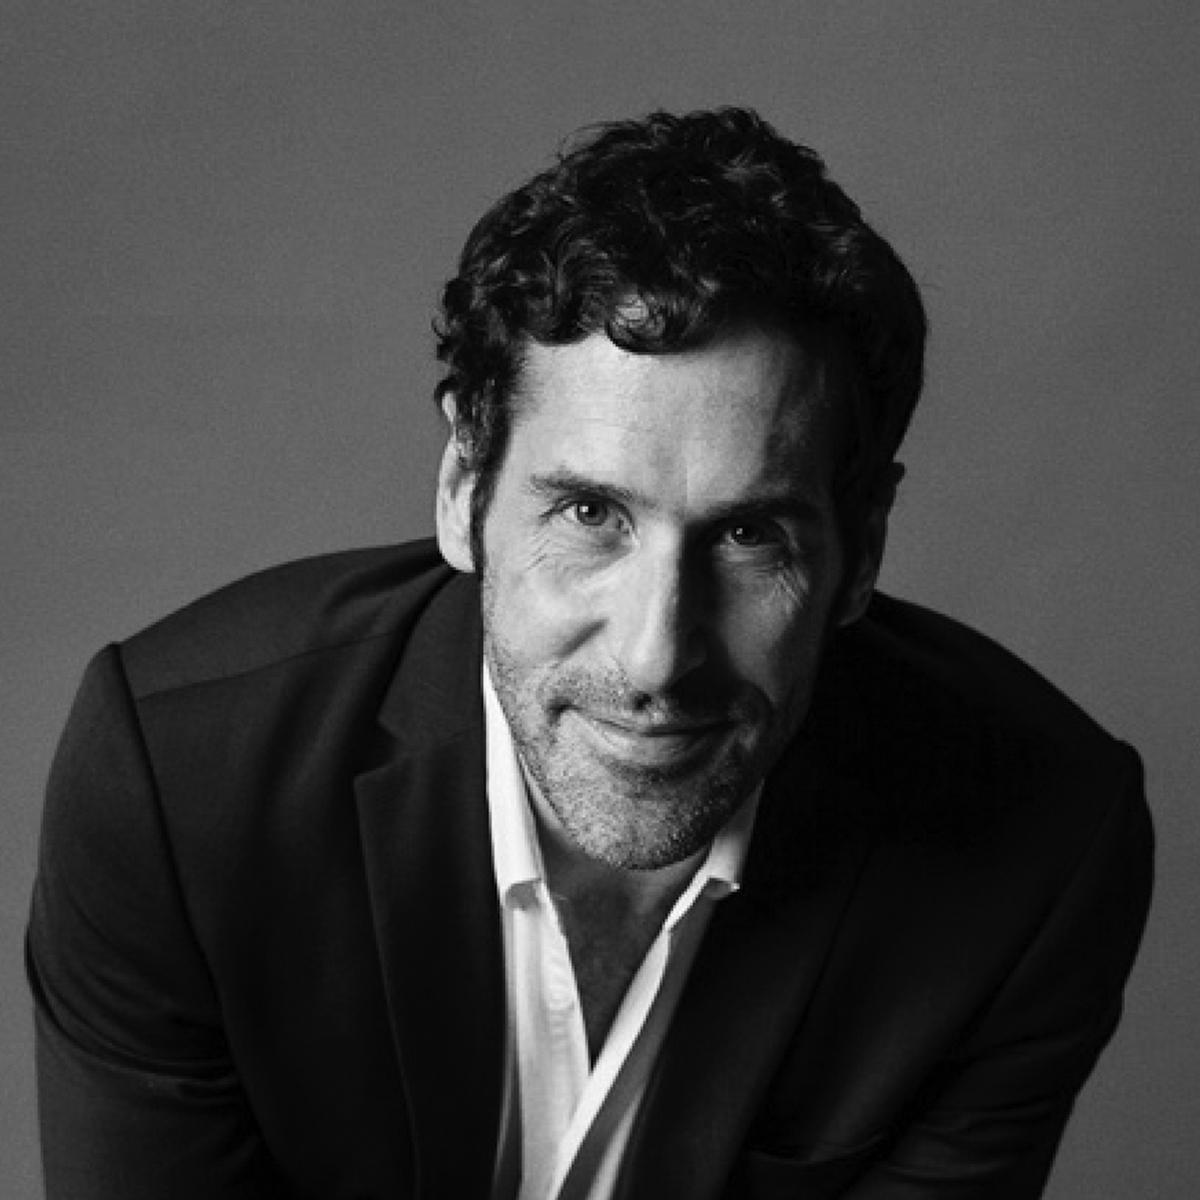 Marc André globensky